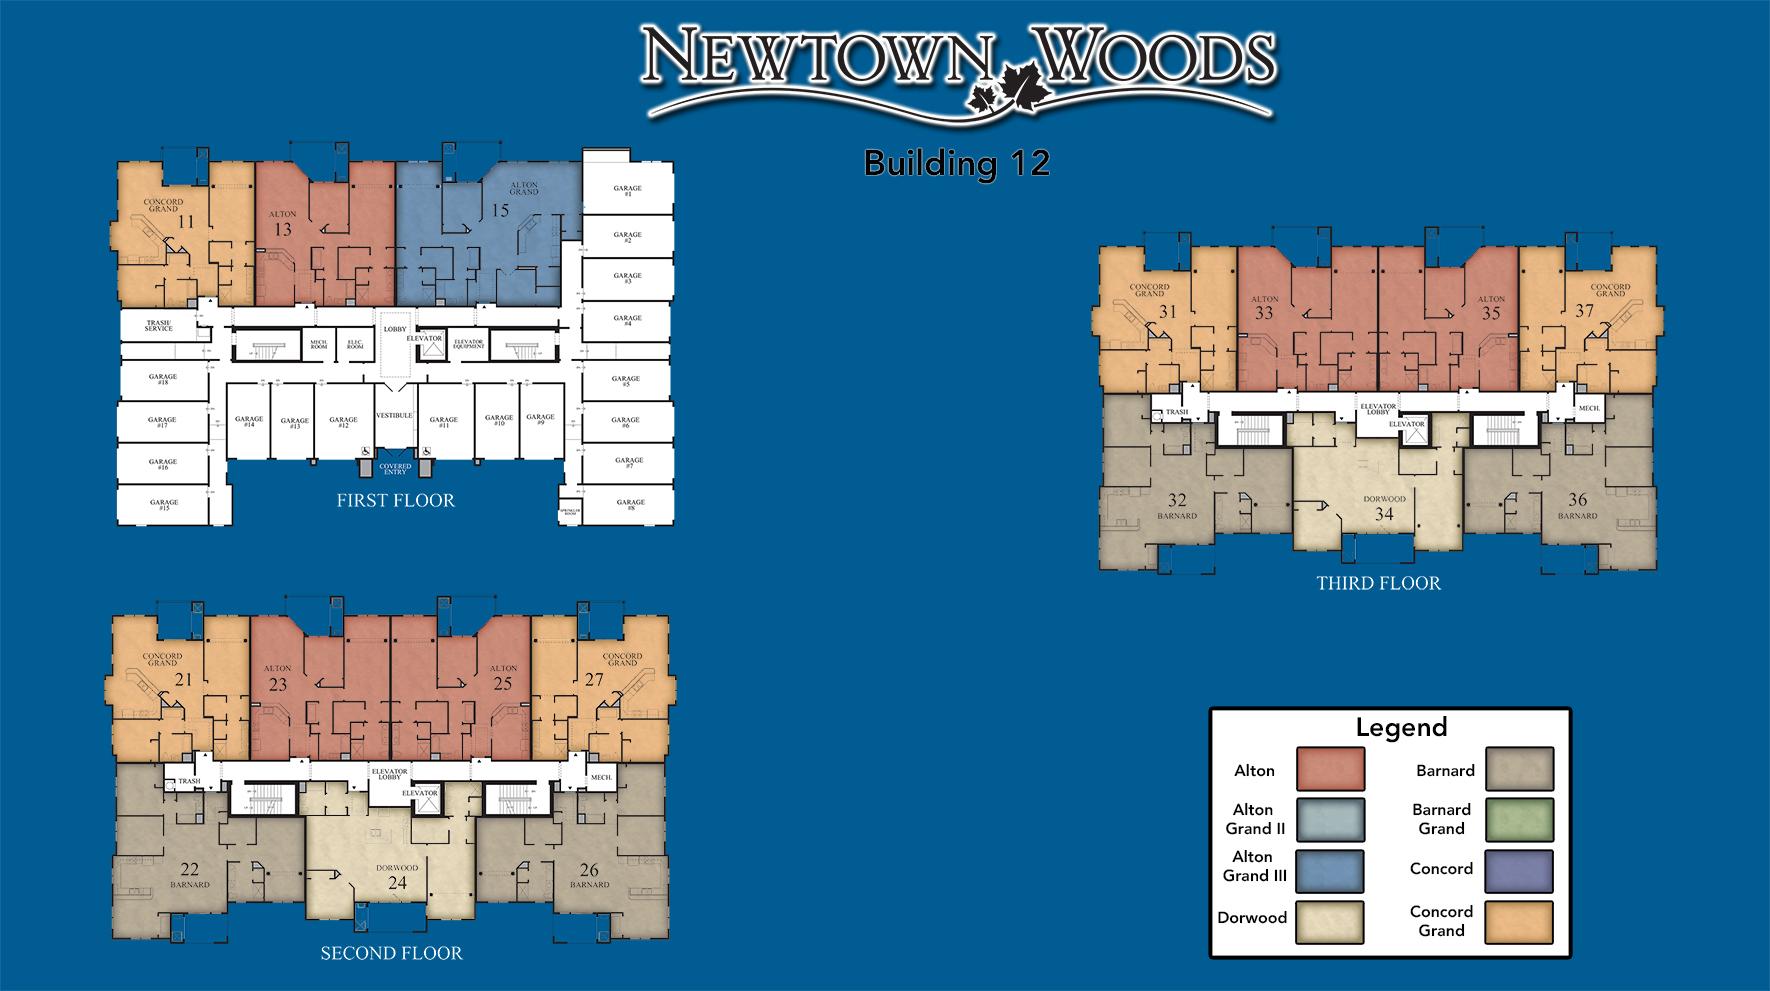 Newtown Woods - Regency Building 12 Site Plan